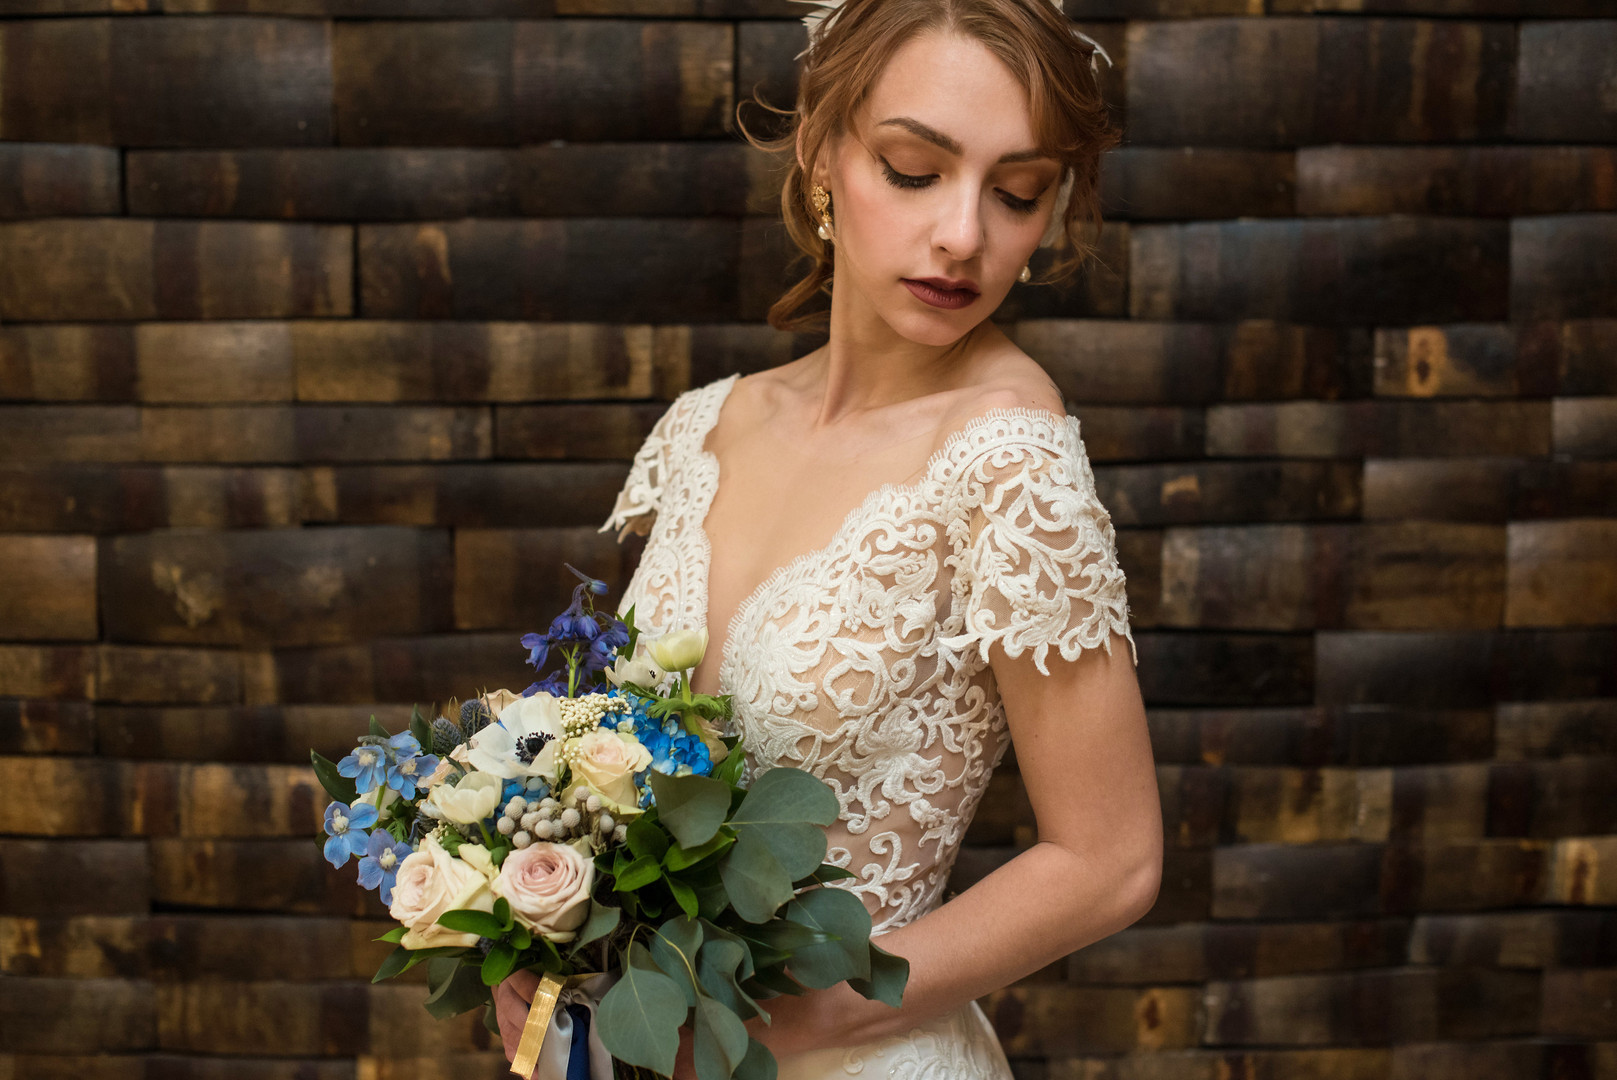 Styled wedding photoshoot